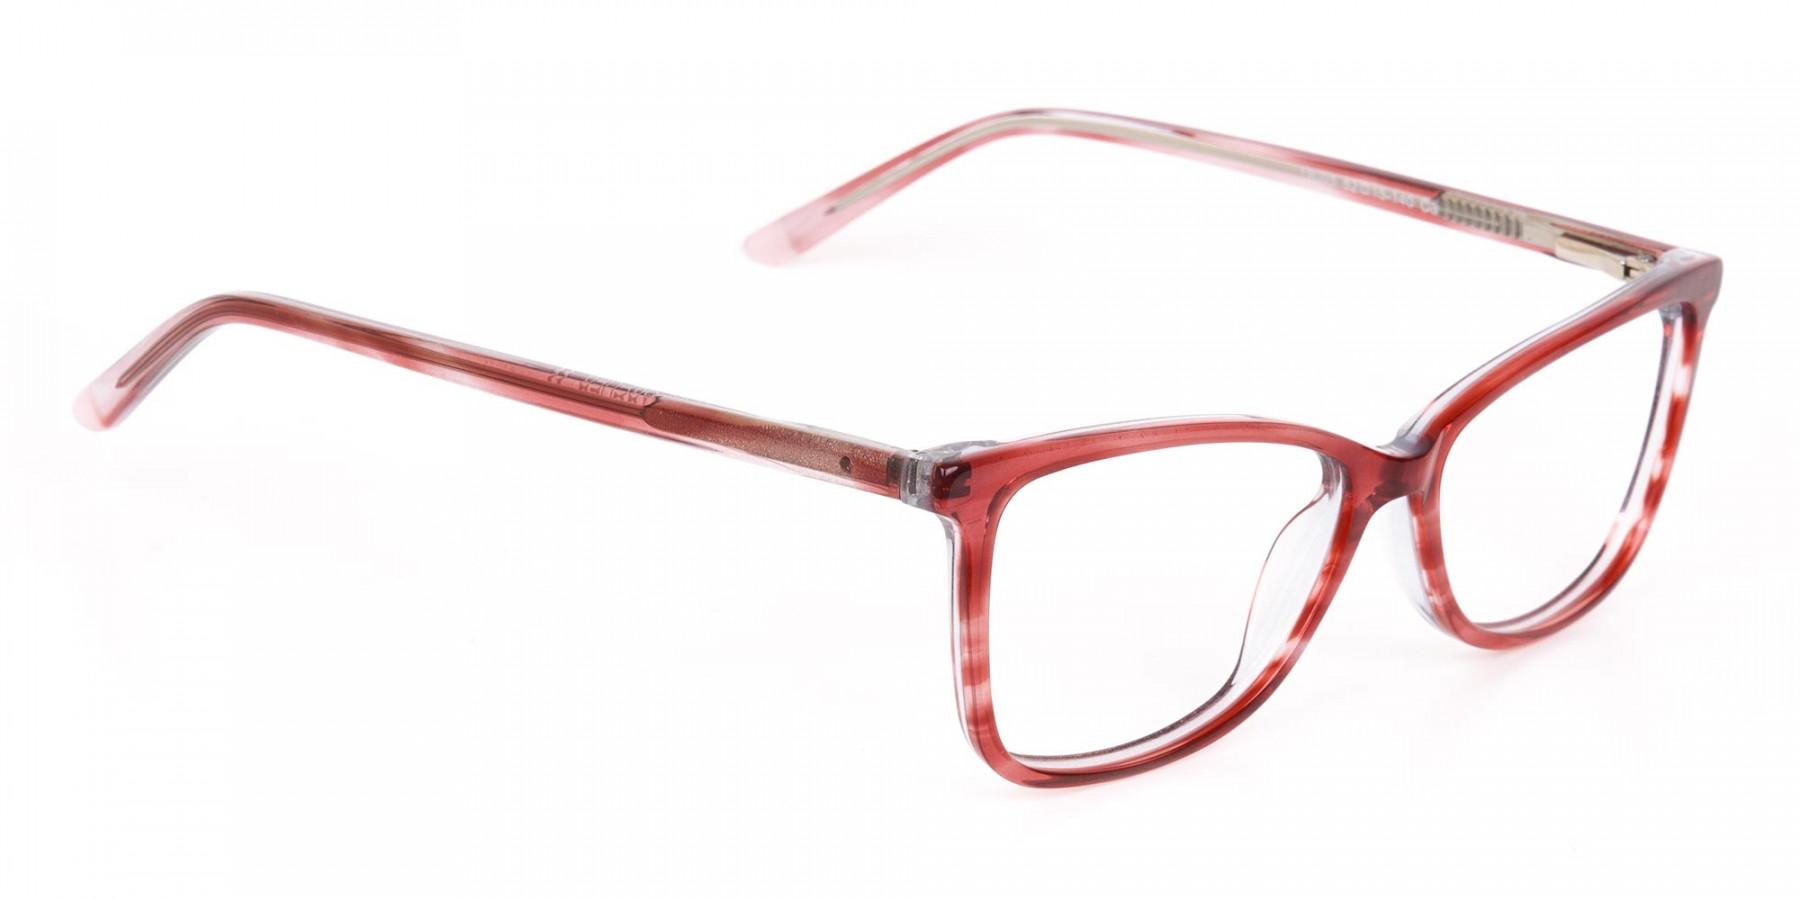 Translucent Rose Red Cat Eye Glasses Women-1